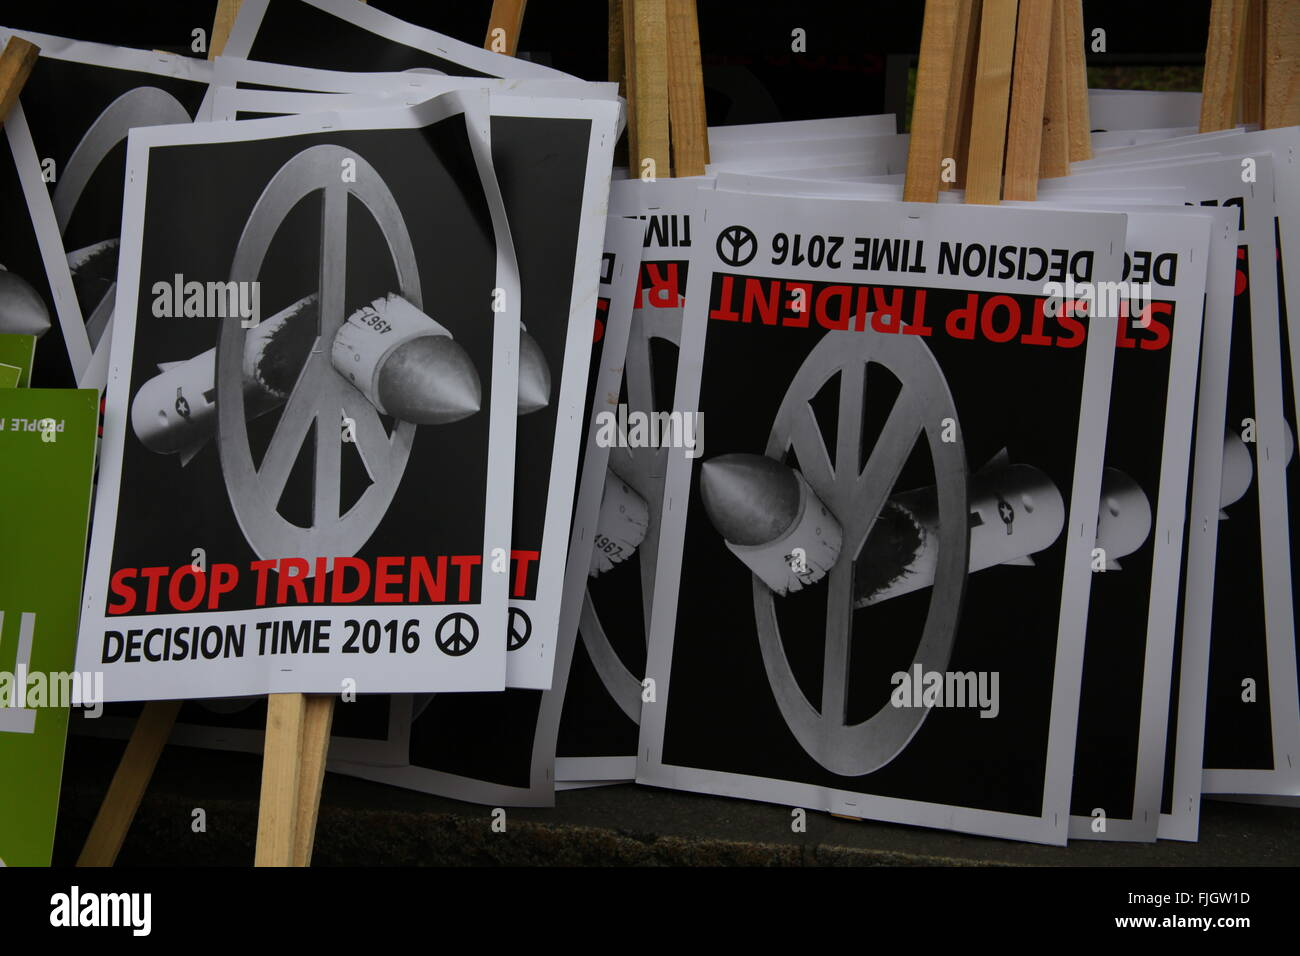 Londra, Regno Unito. Il 27 febbraio, 2016. Cartelli per il CND Stop Trident dimostrazione di rinnovo. Immagini Stock